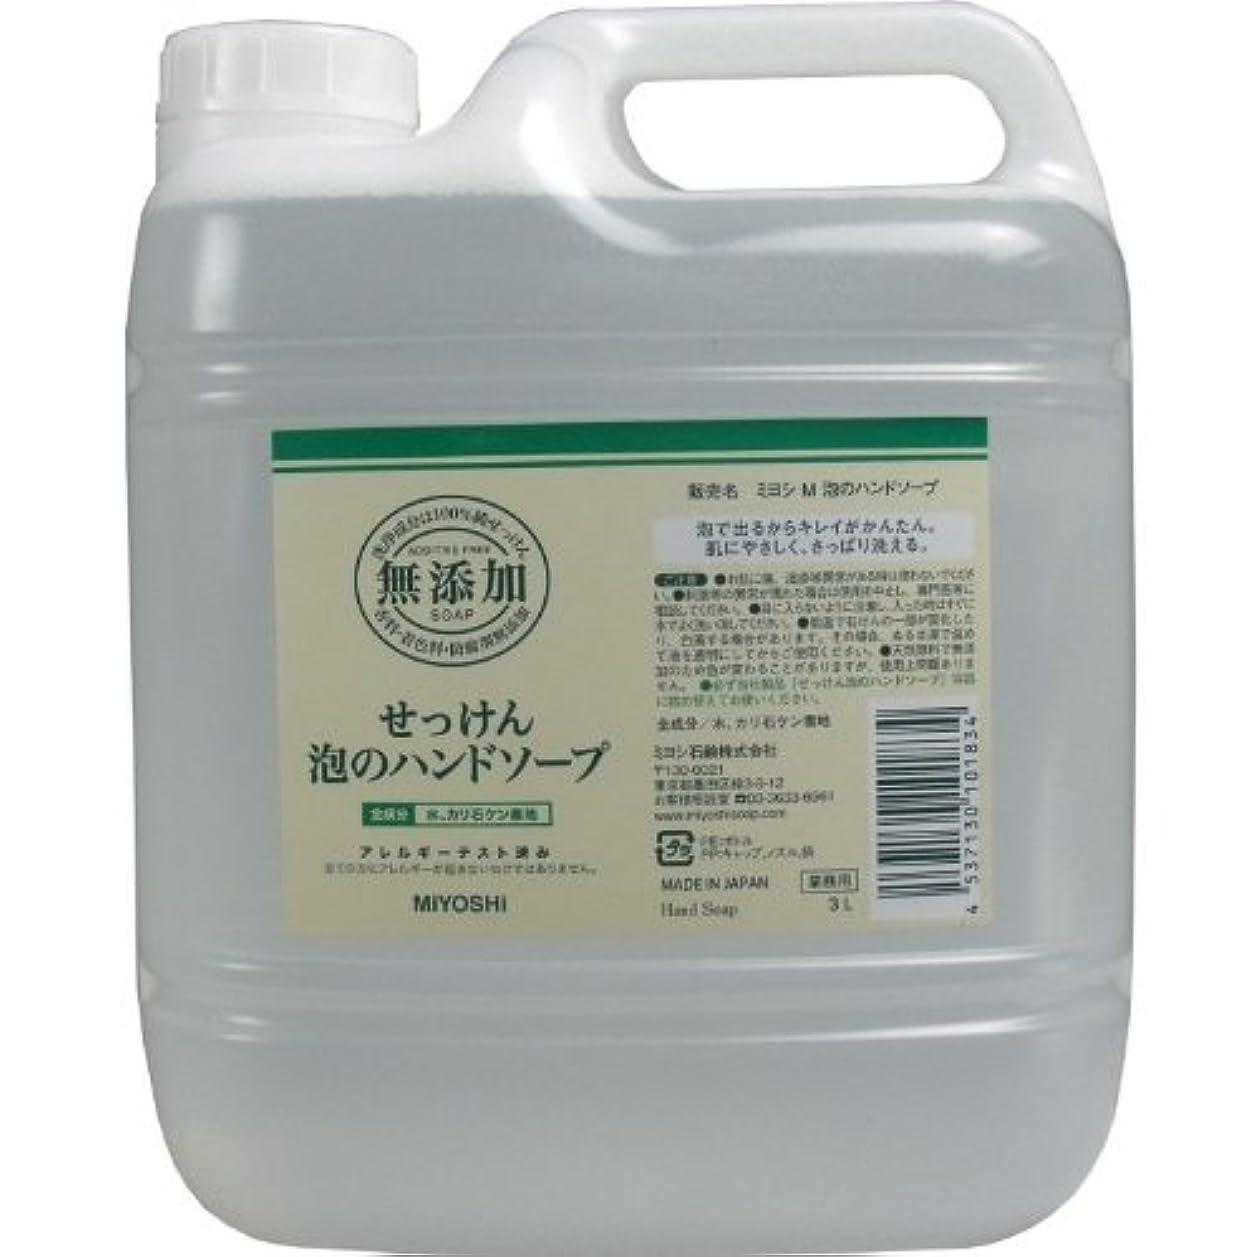 最高カプセルコロニー泡で出るからキレイが簡単!家事の間のサッと洗いも簡単!香料、着色料、防腐剤無添加!(業務用)3L【4個セット】